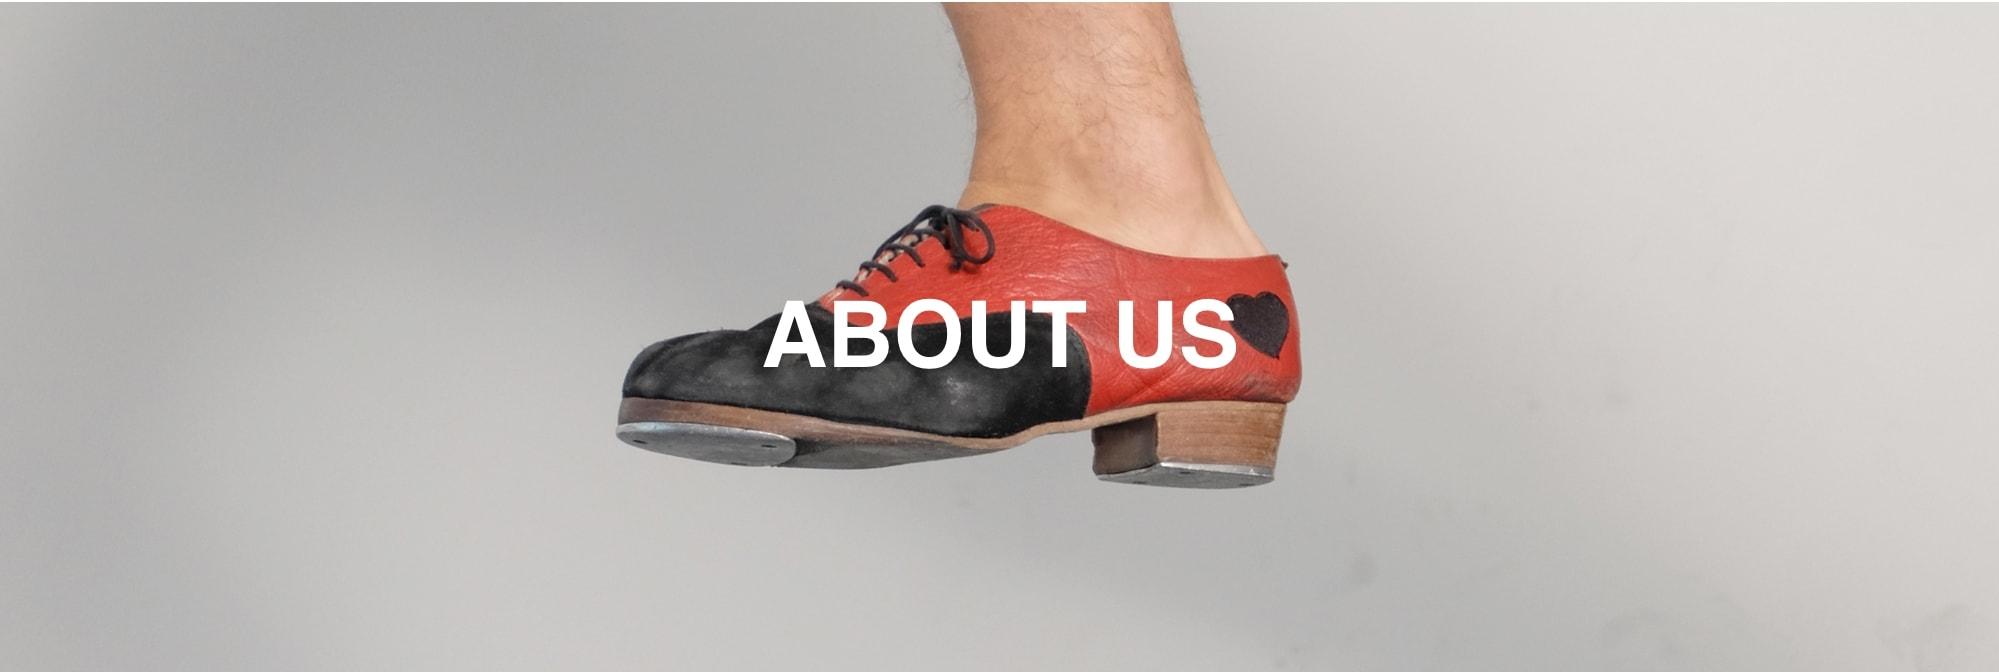 About Us - SwissTap